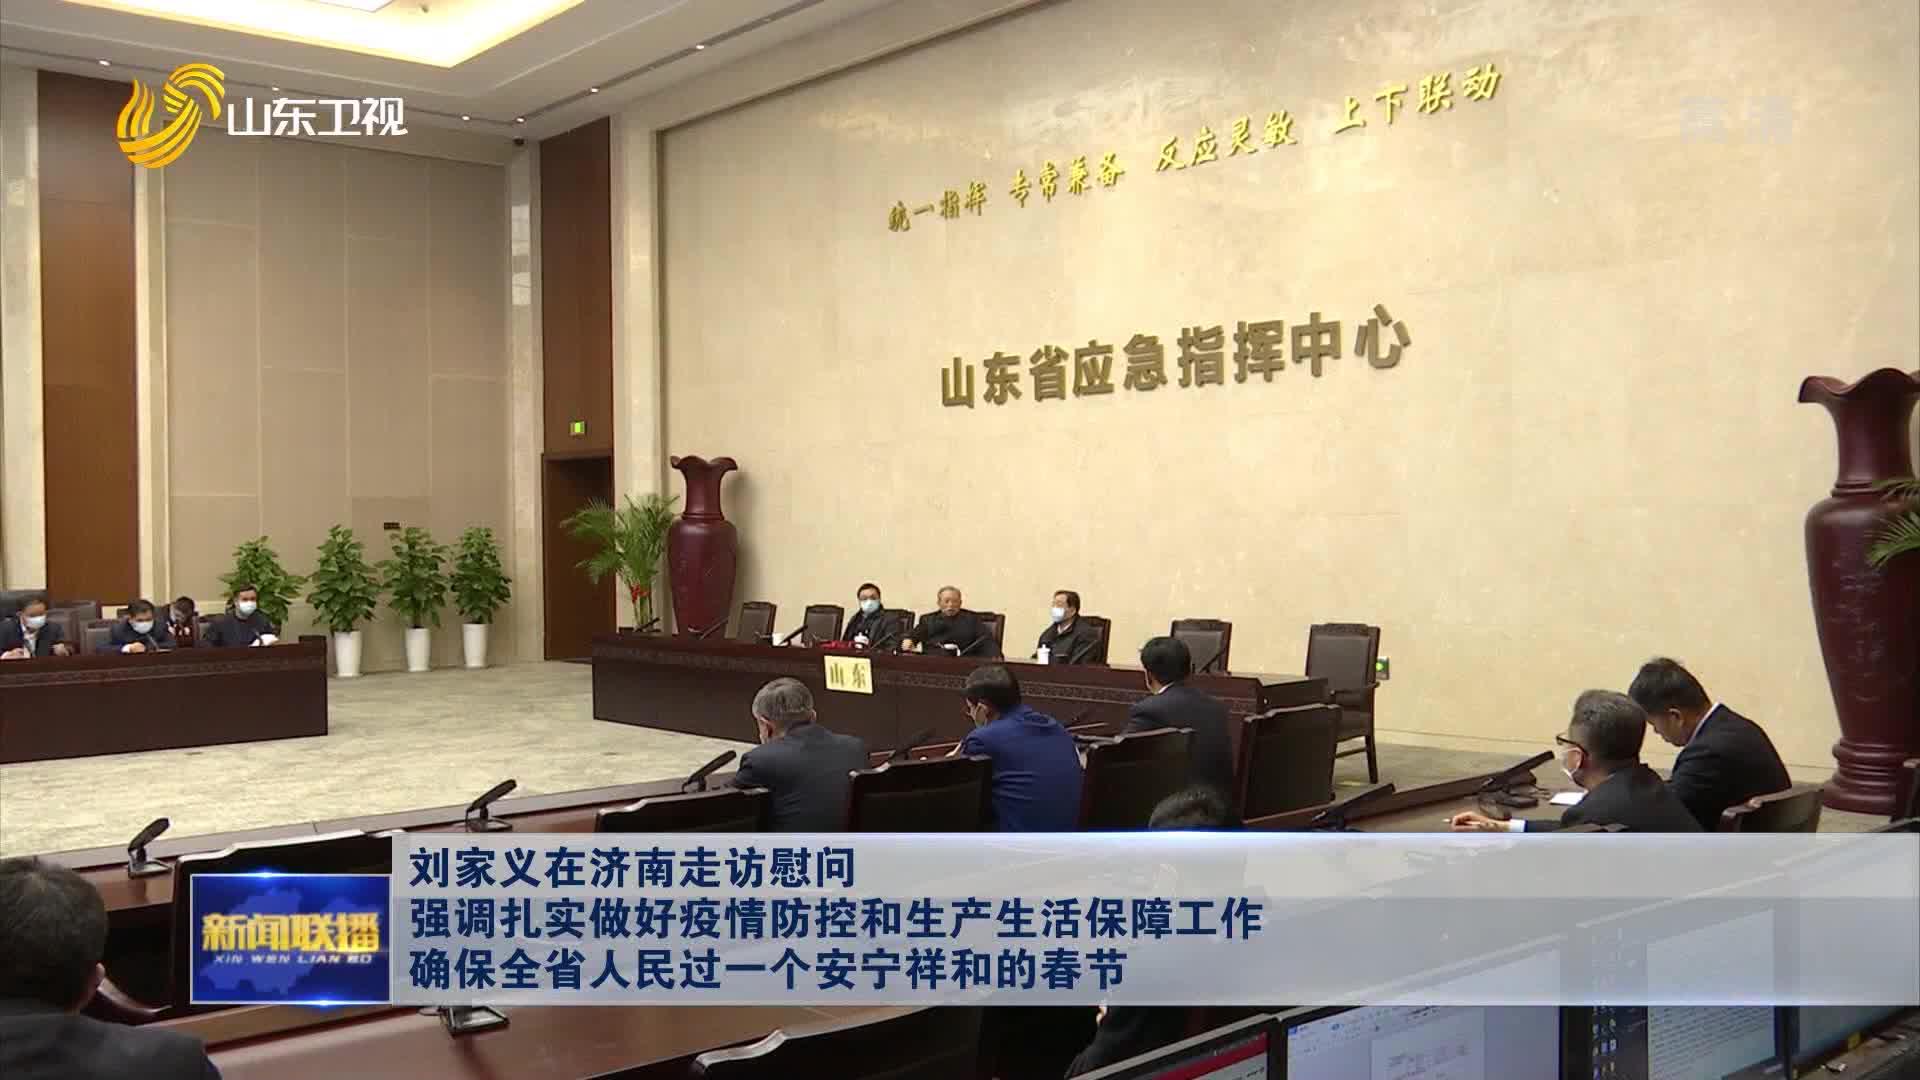 刘家义在济南走访慰问 强调扎实做好疫情防控和生产生活保障工作 确保全省人民过一个安宁祥和的春节